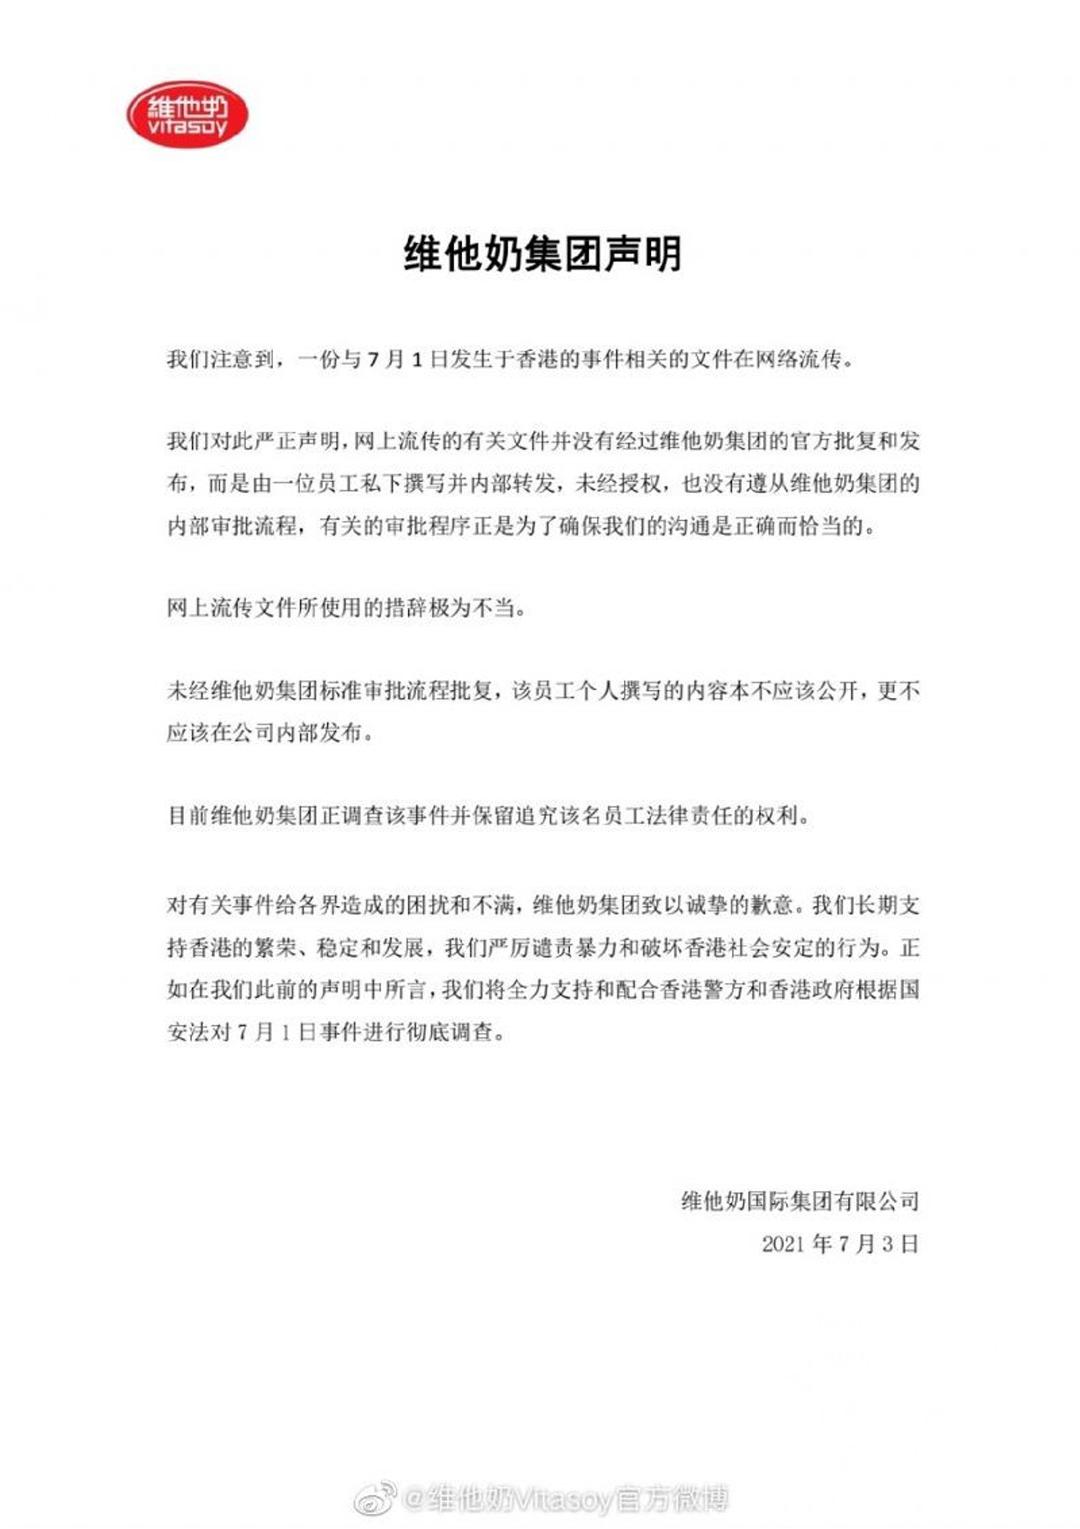 維他奶於微博發布的聲明。